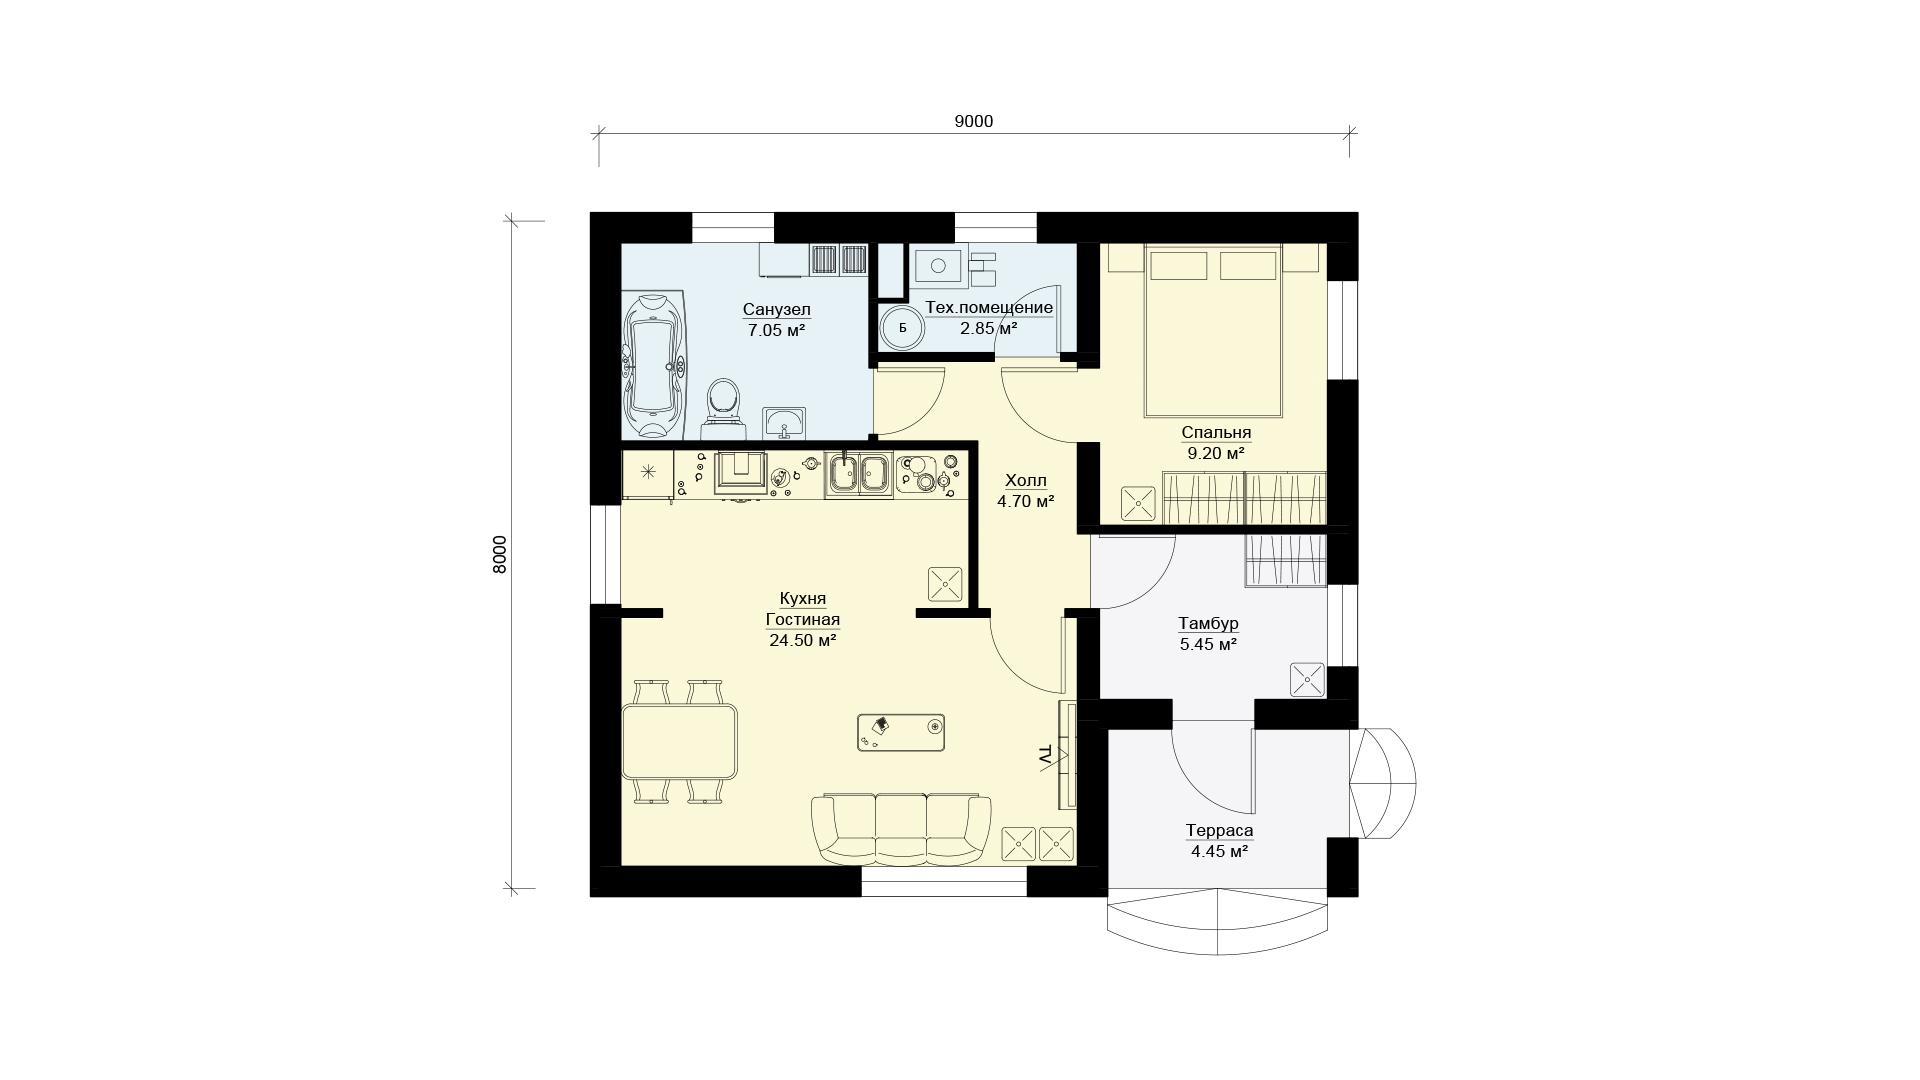 Планировка одноэтажного загородного дома БЭНПАН, проект МС-72.